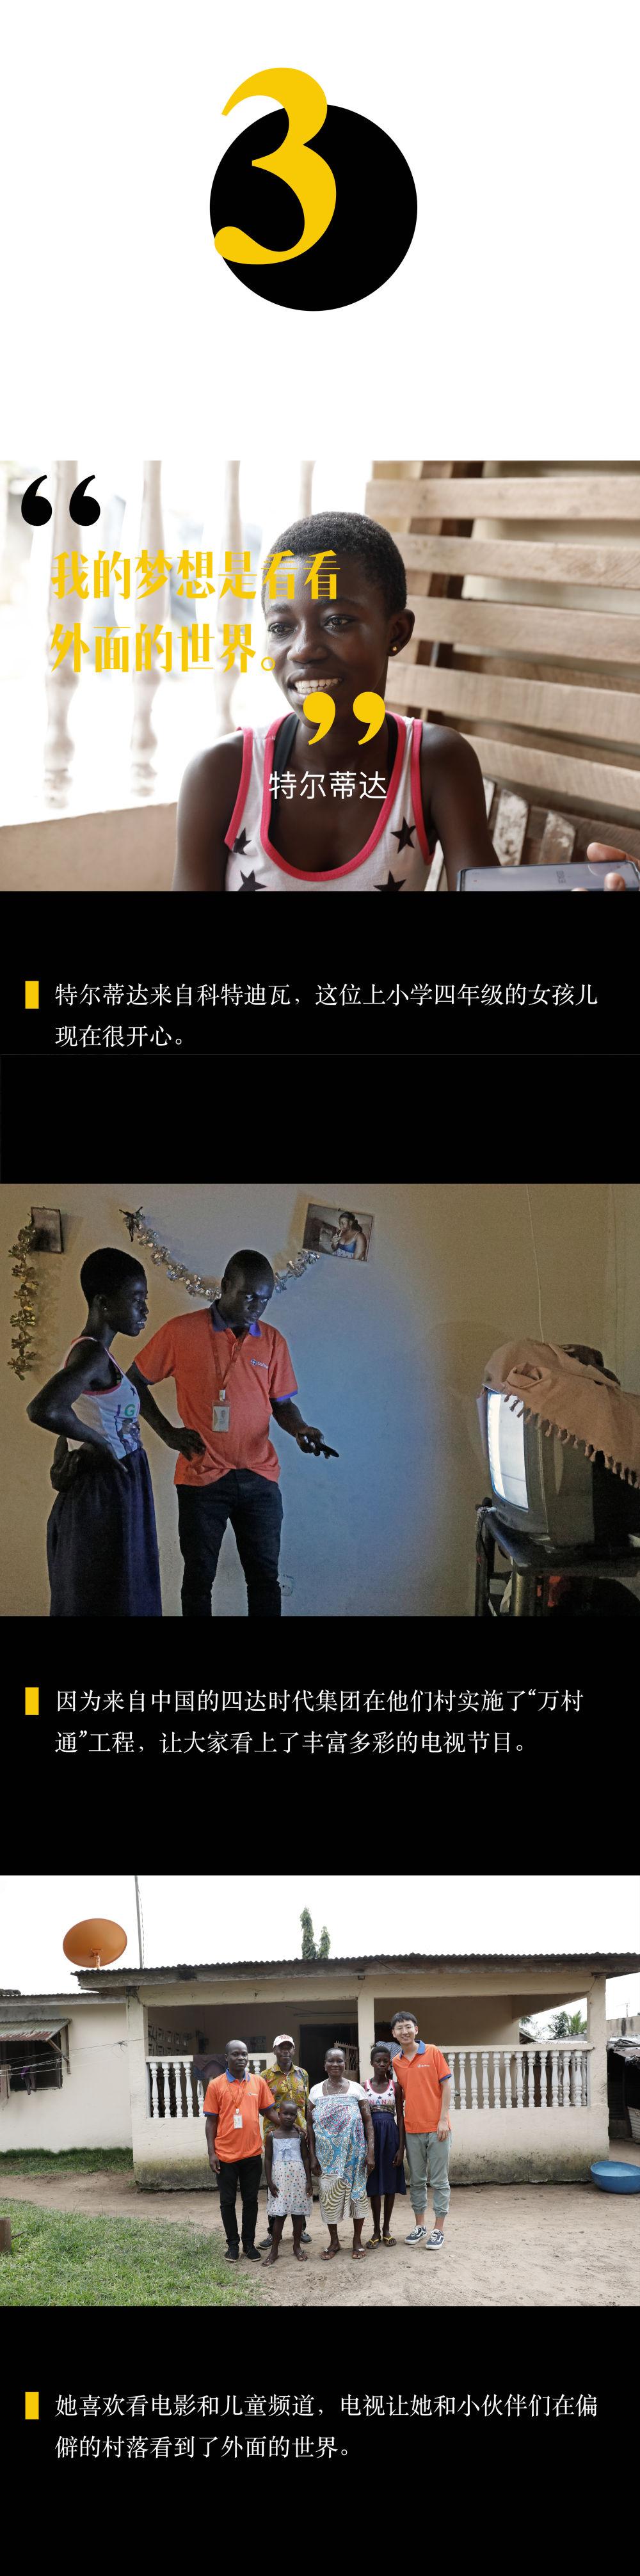 电银付app使用教程(dianyinzhifu.com):我有一个梦想--非洲孩子们的小小心愿与单纯笑容 第3张